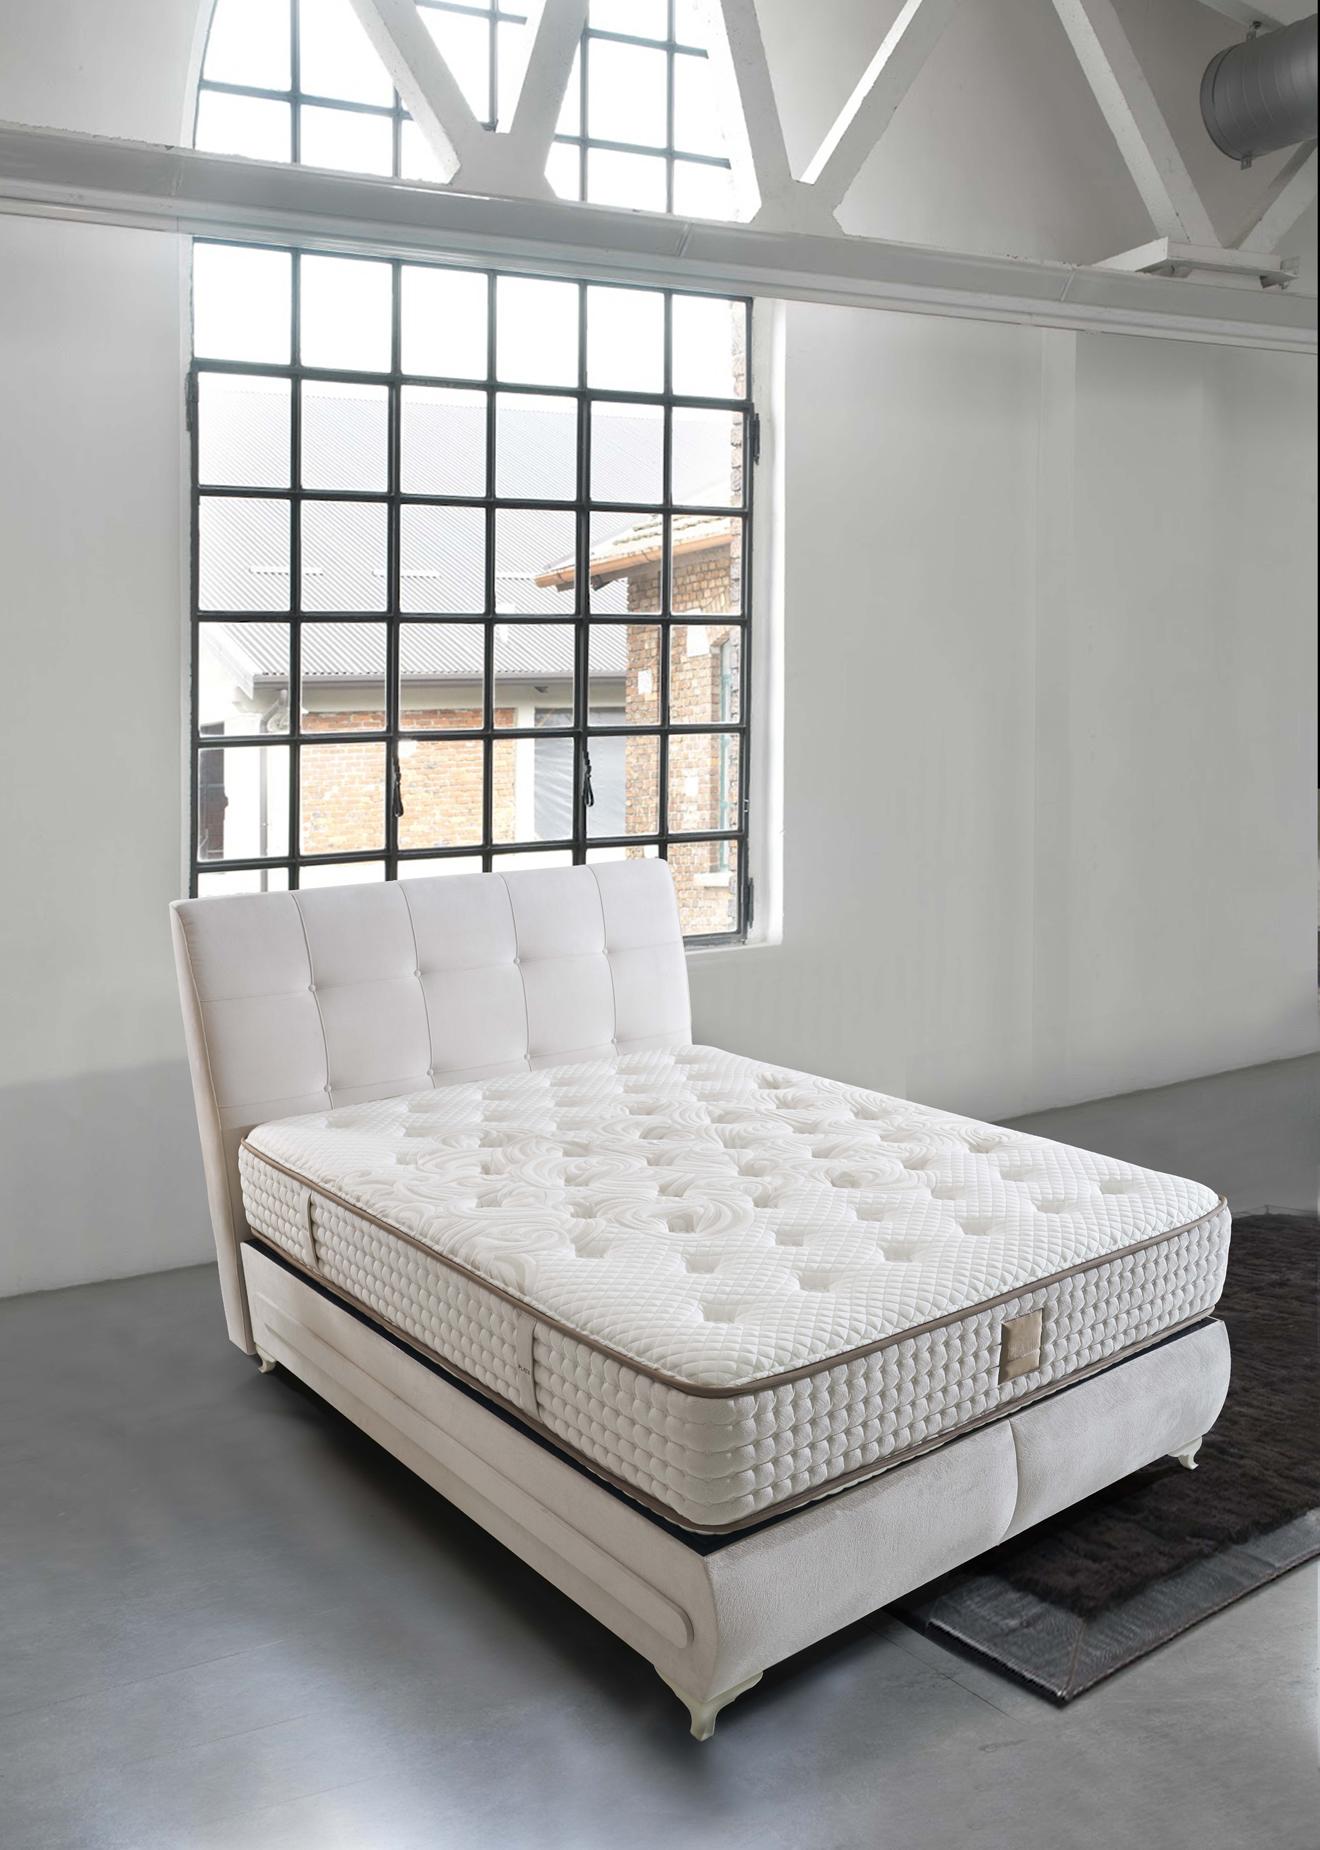 platin matratze yuvam m belhaus in wuppertal cilek offizieller h ndler in europa. Black Bedroom Furniture Sets. Home Design Ideas